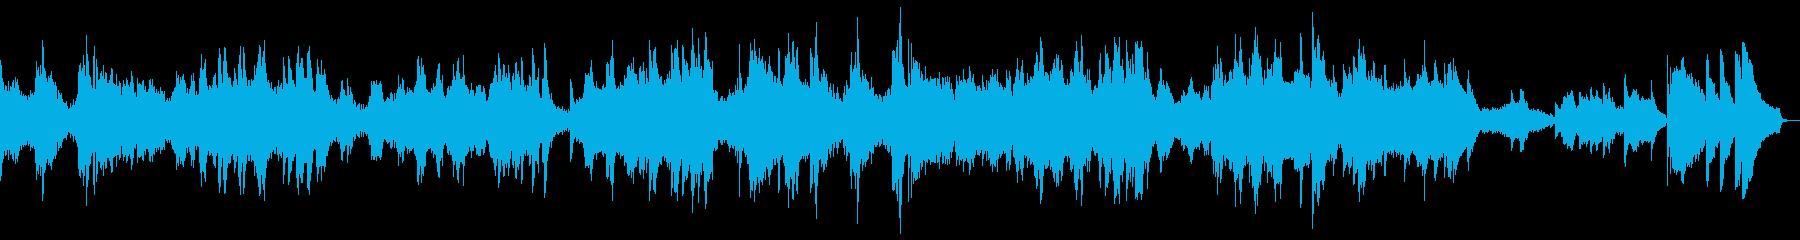 クラシック ハイテク 緊迫感 ピア...の再生済みの波形